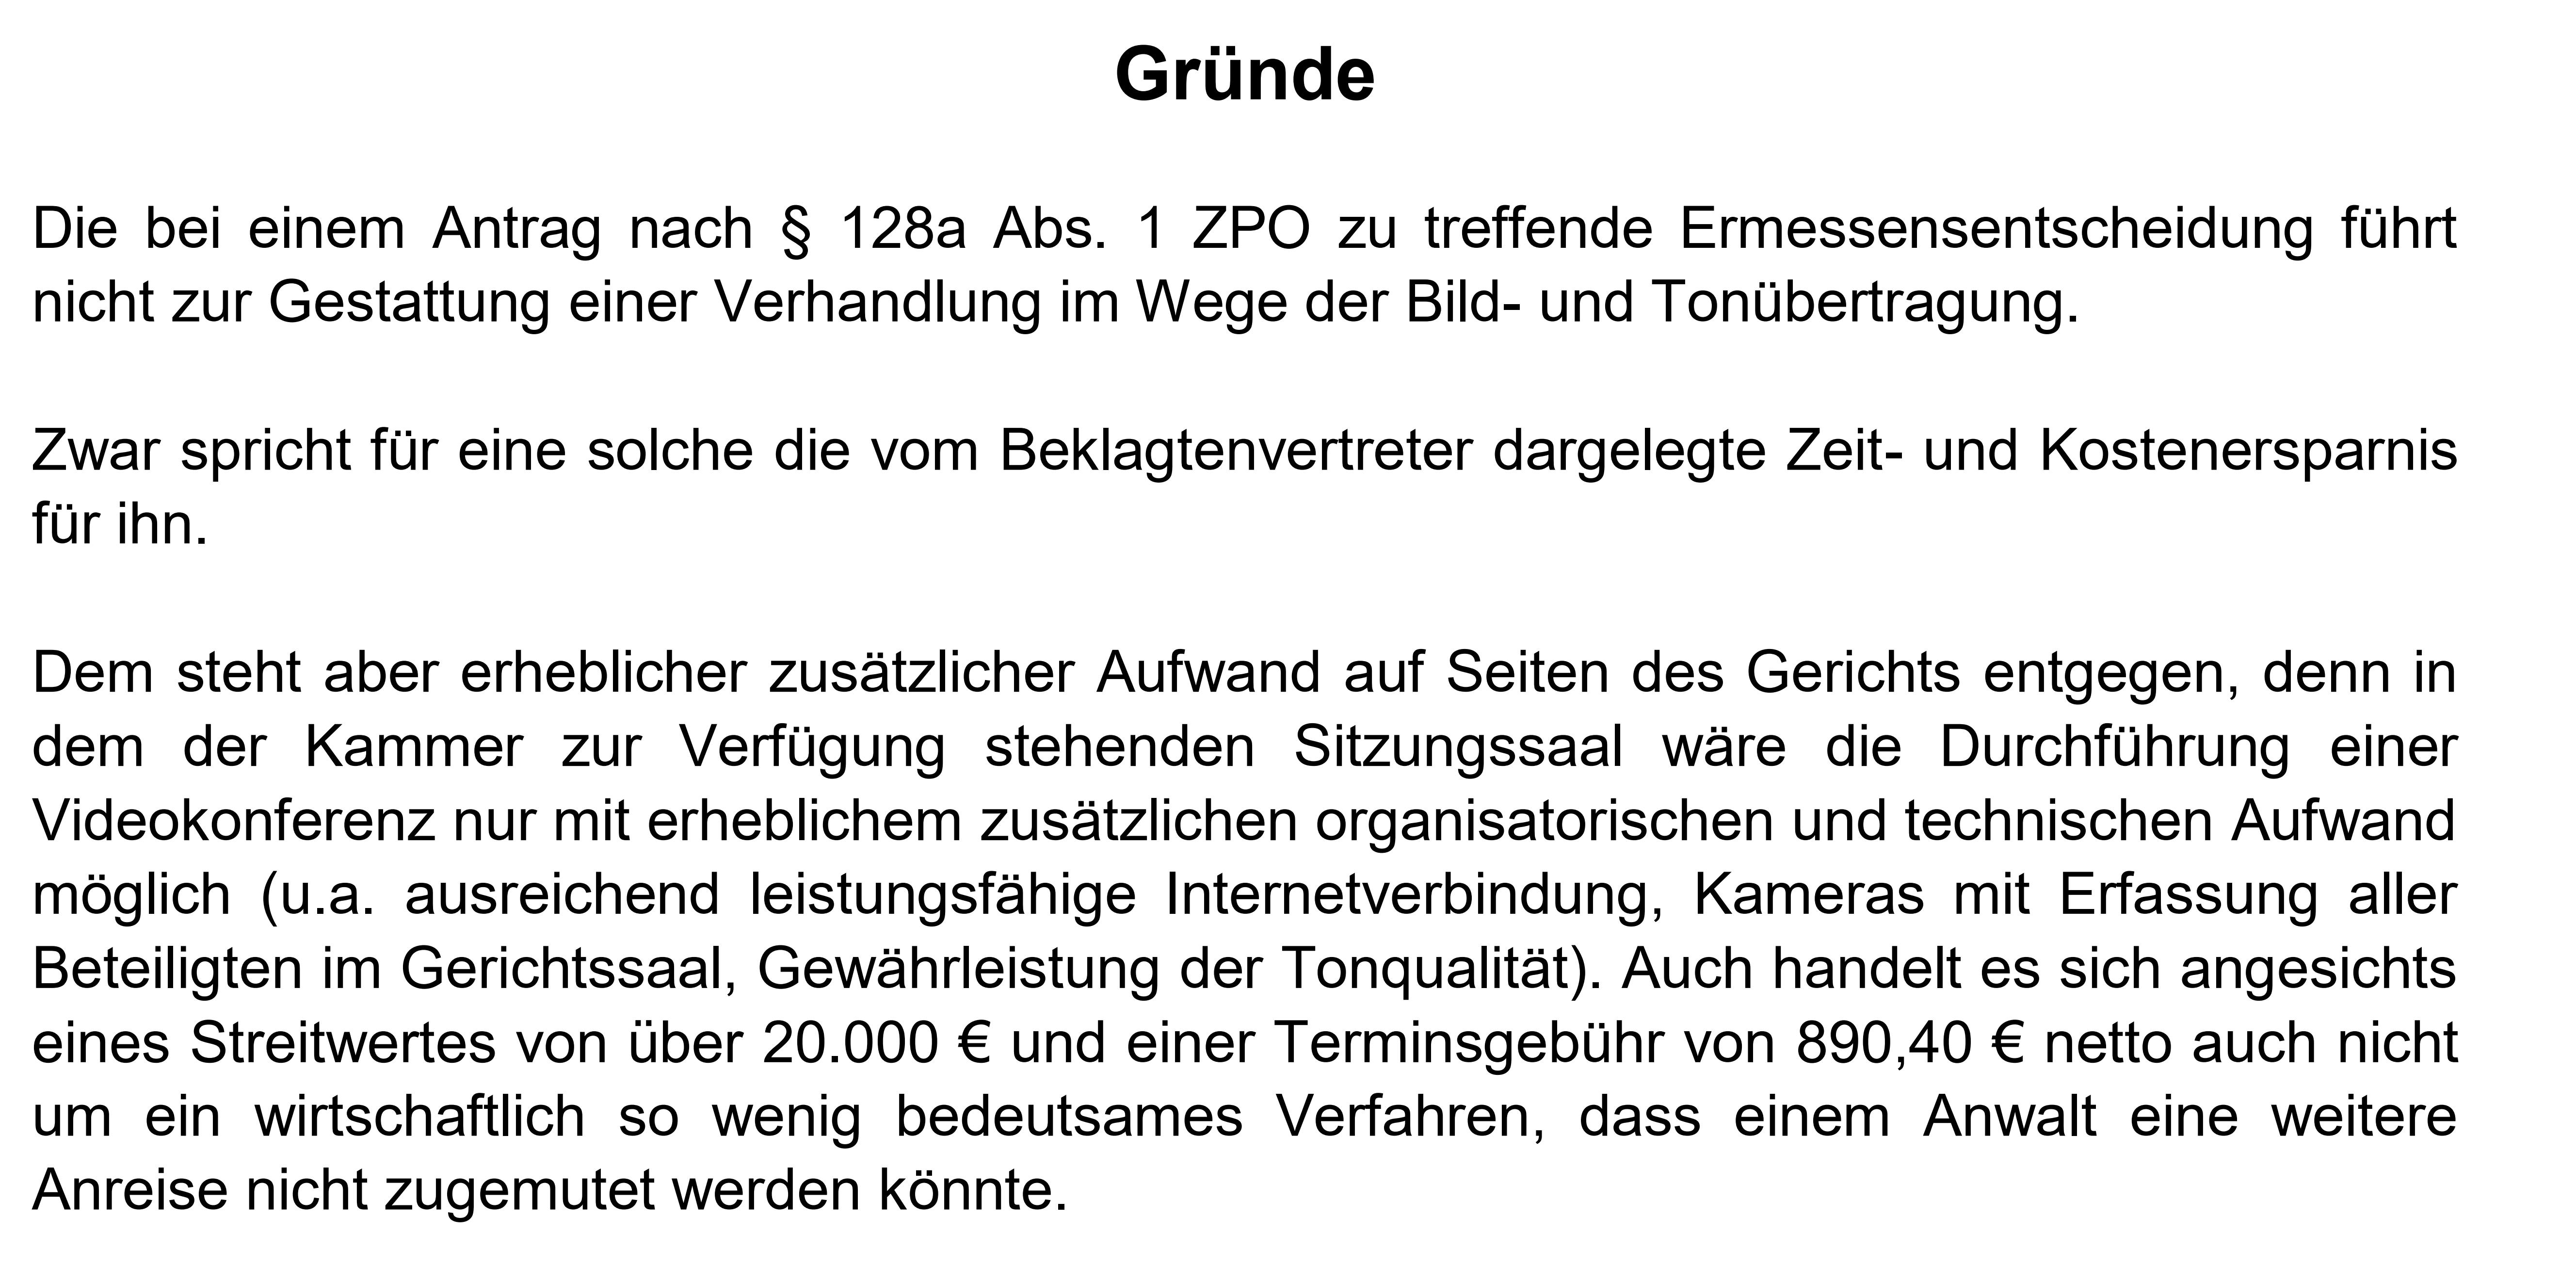 IT-Kanzlei Lutz